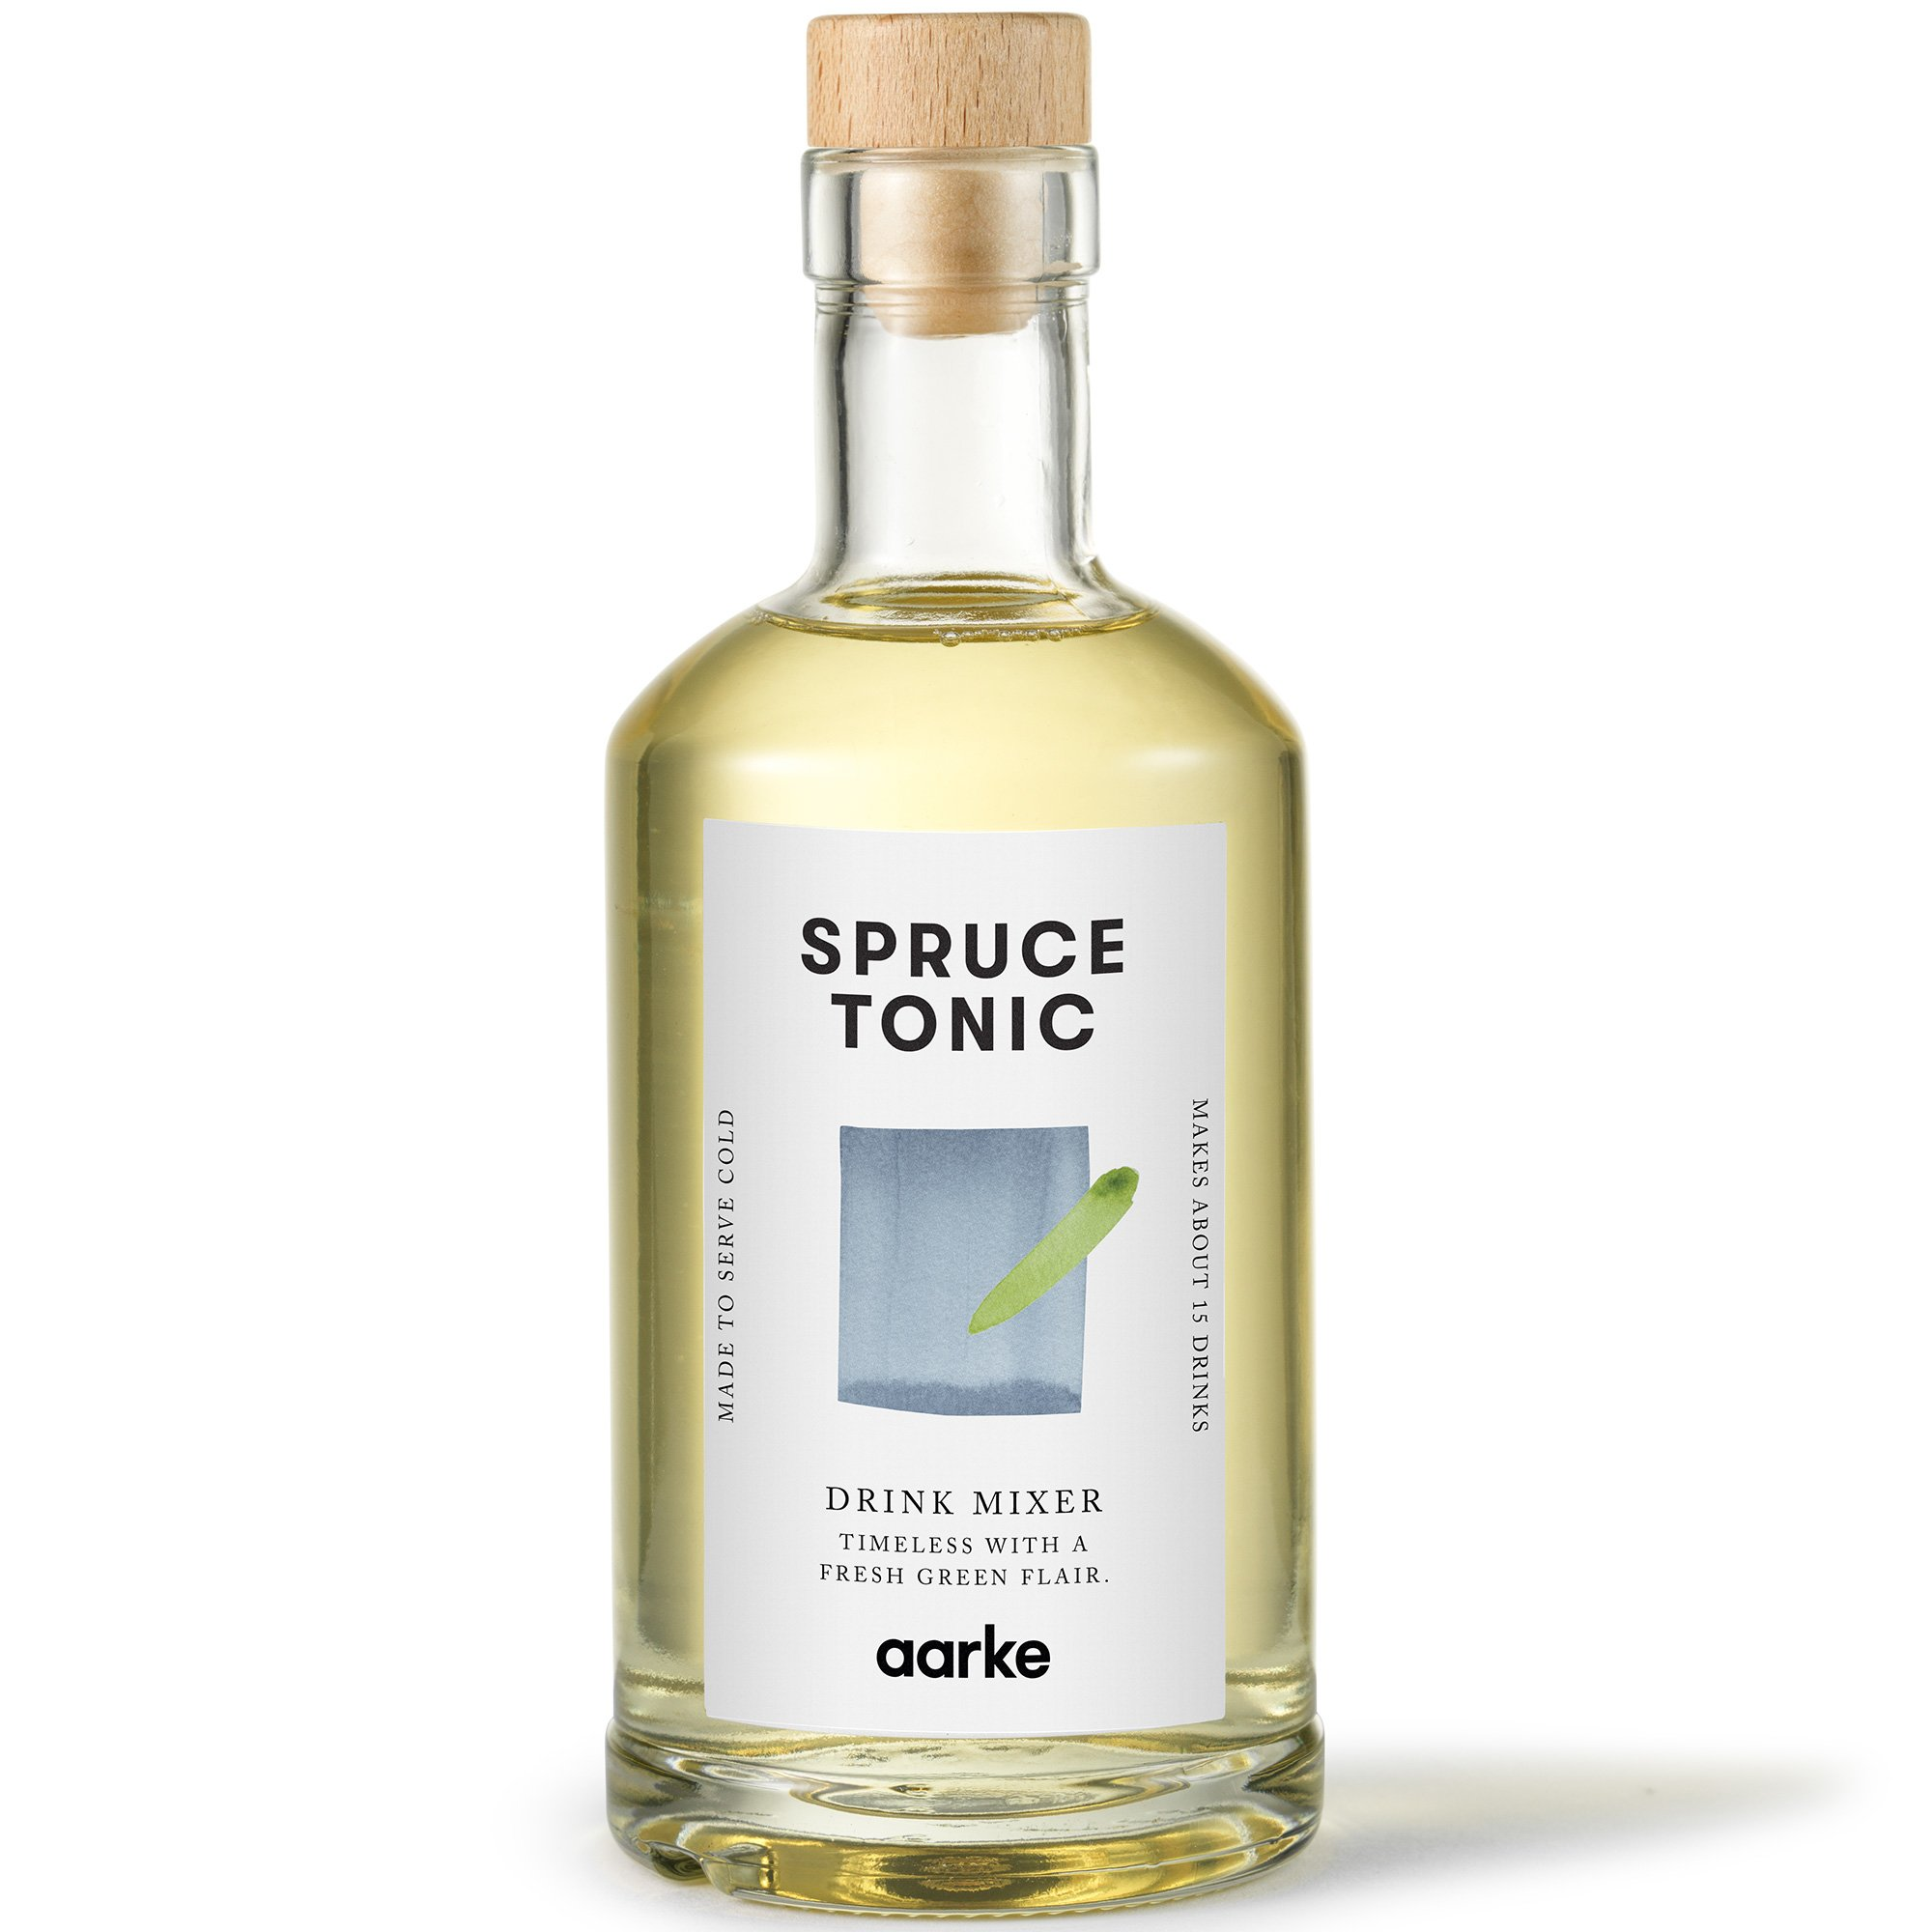 Bilde av Aarke Drink Mixer, Spruce Tonic